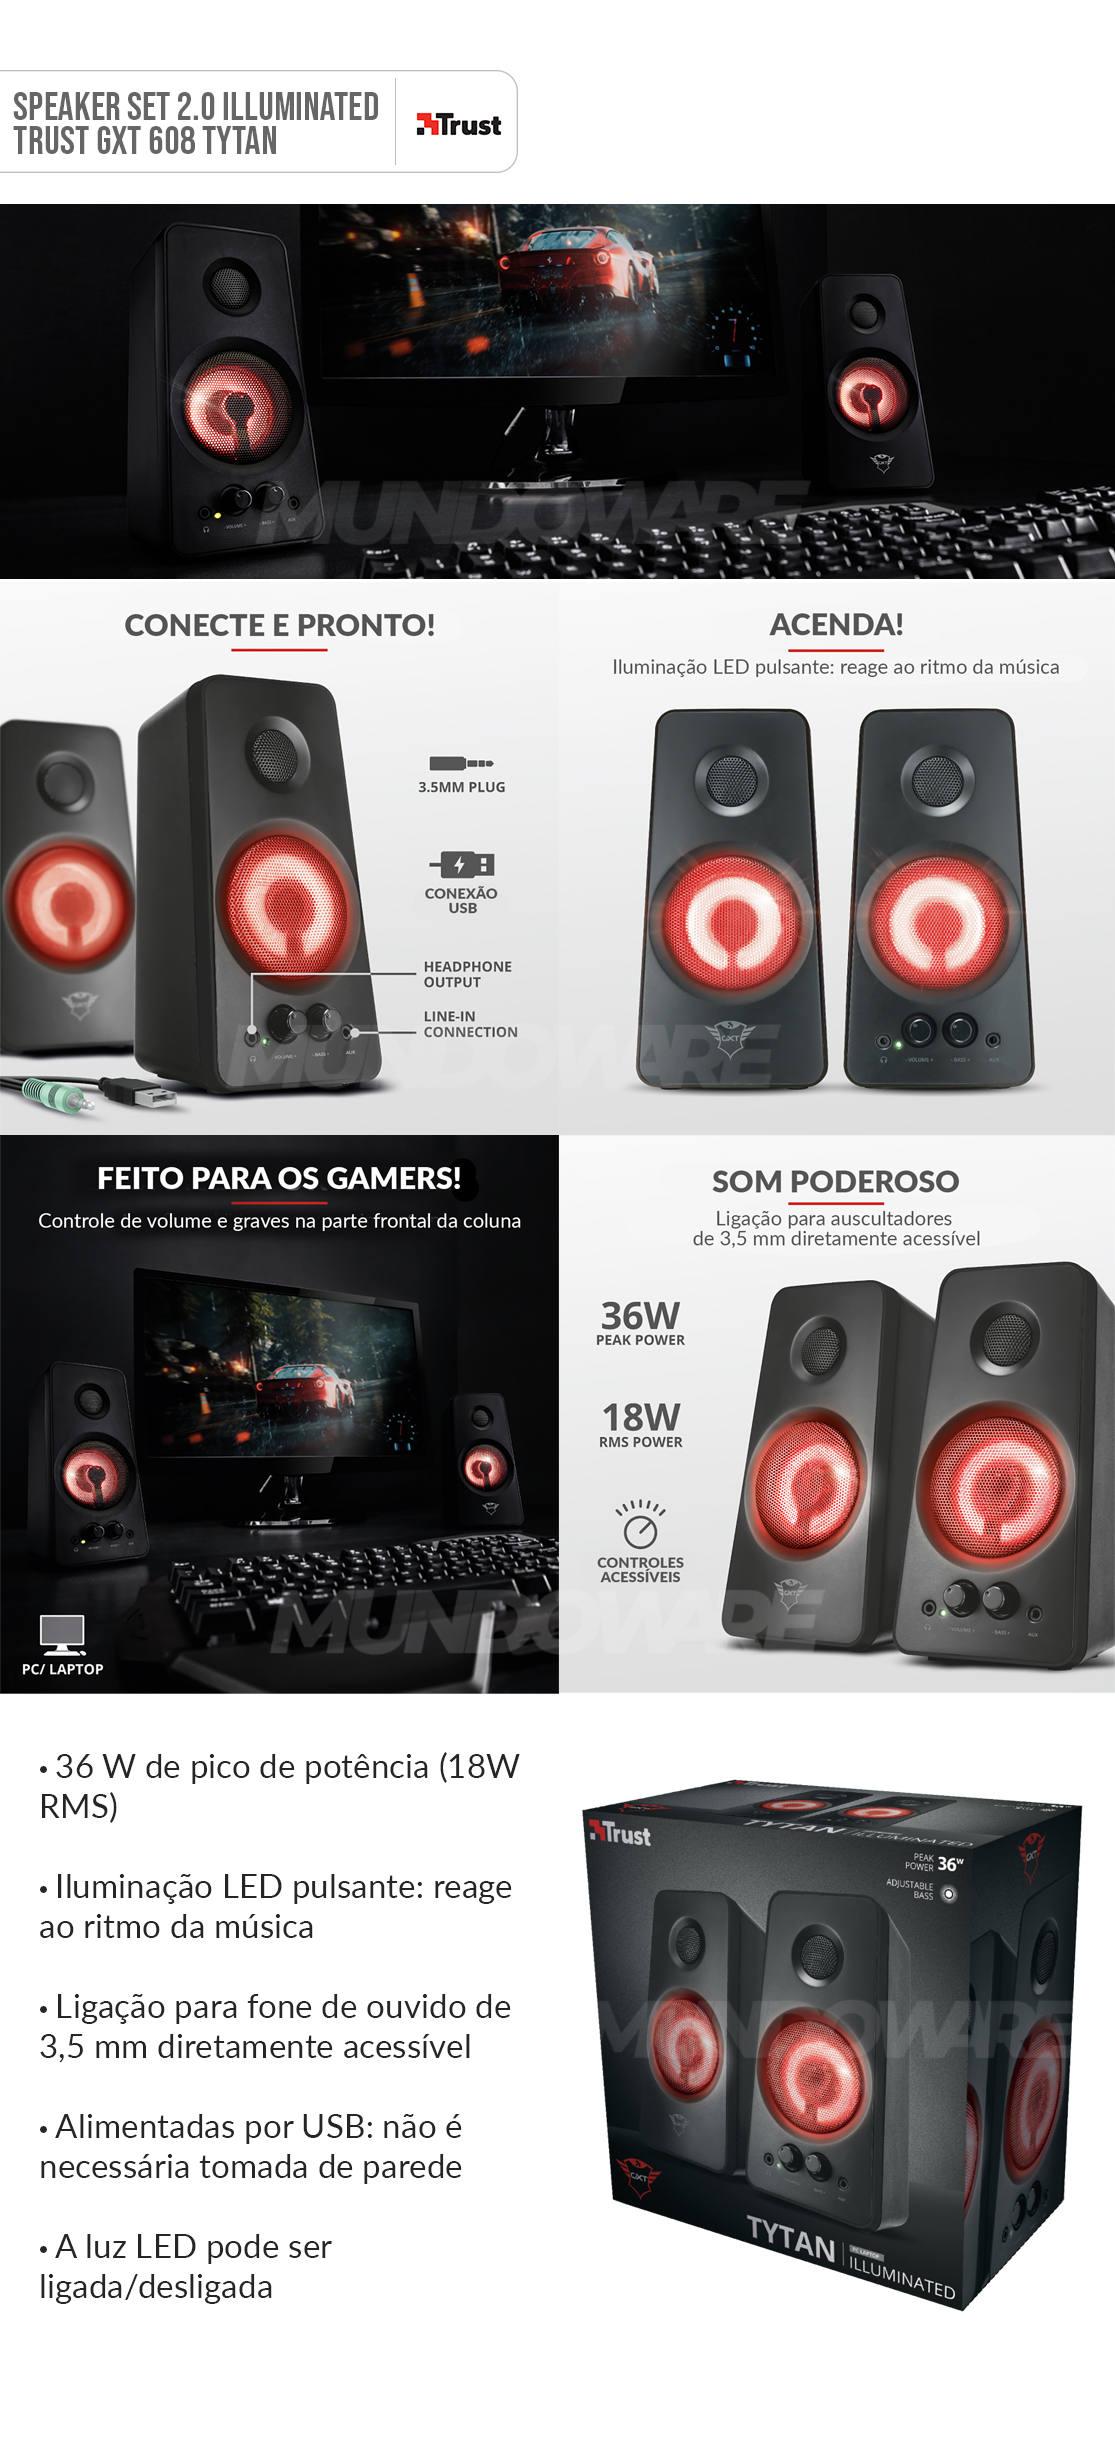 Caixa de Som 2.0 18W RMS Iluminação LED Pulsante Reage ao Ritmo da Música Trust GXT 608 Tytan Speaker Set